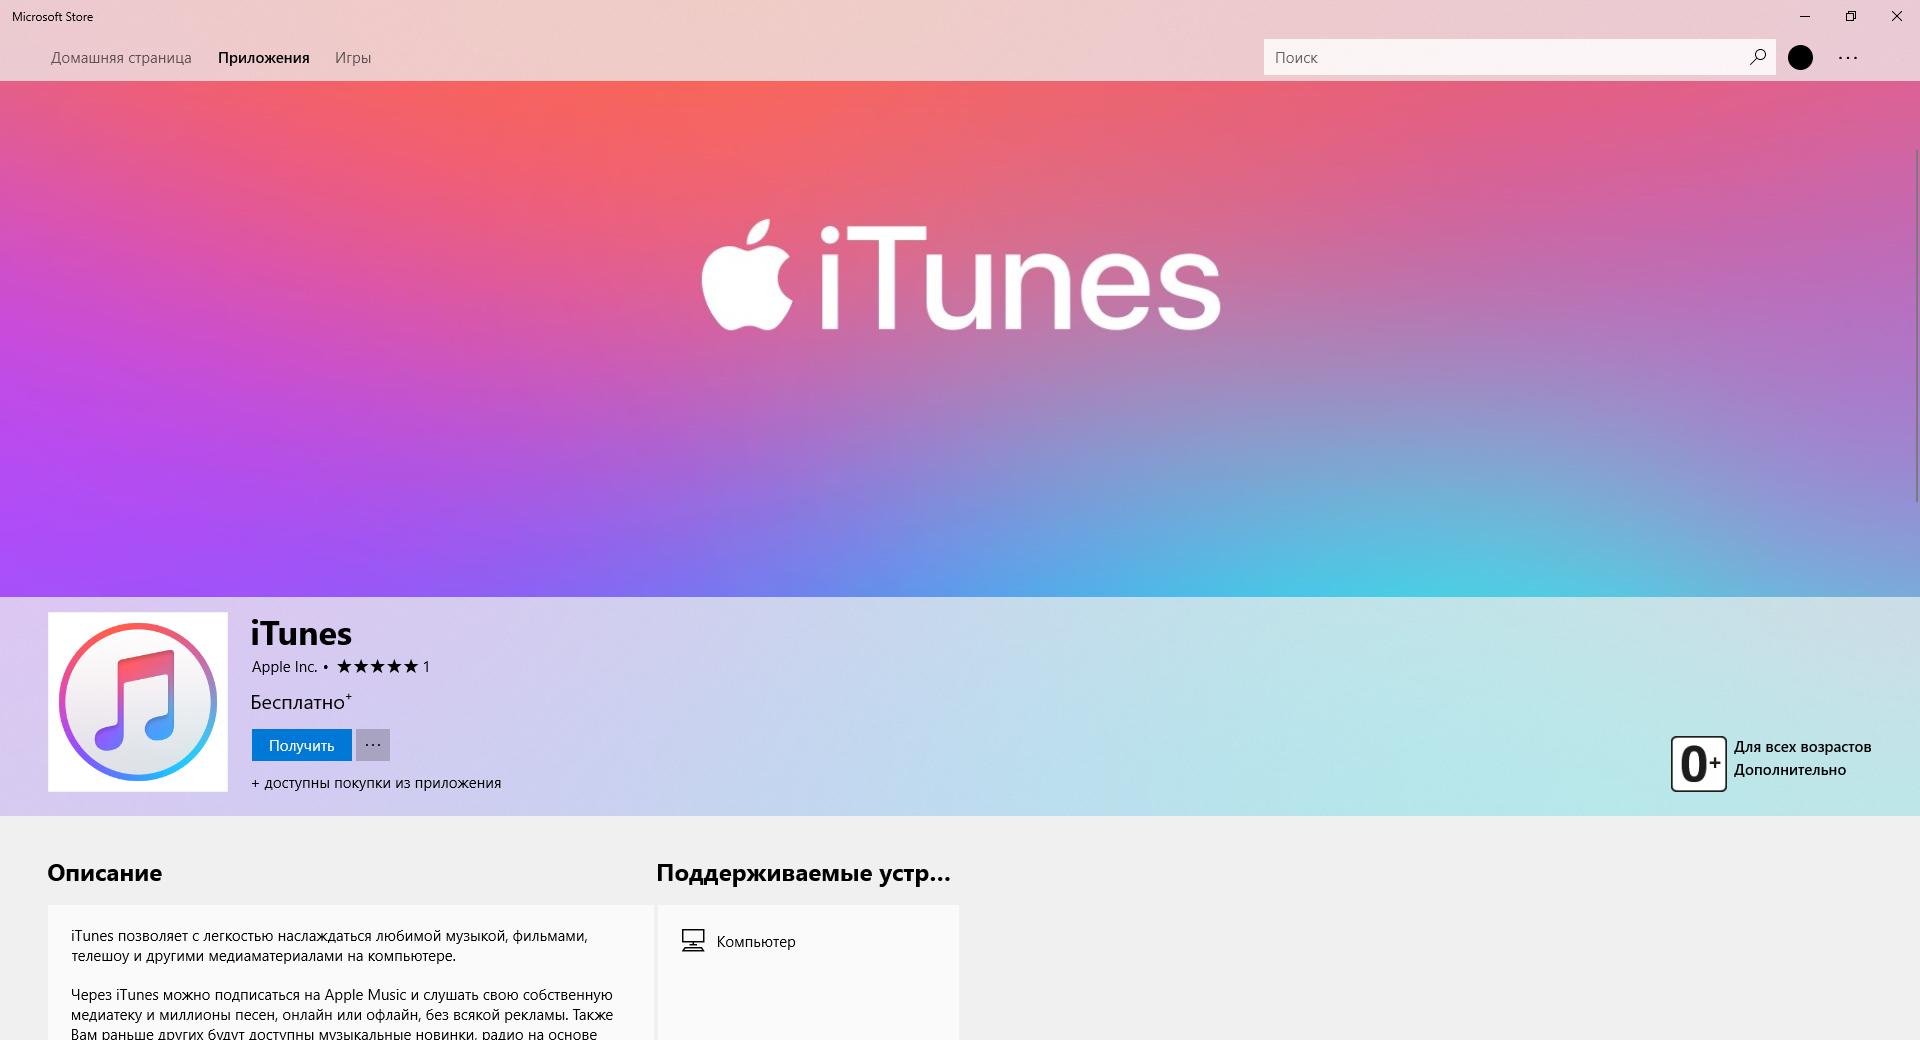 В магазине Windows появился iTunes